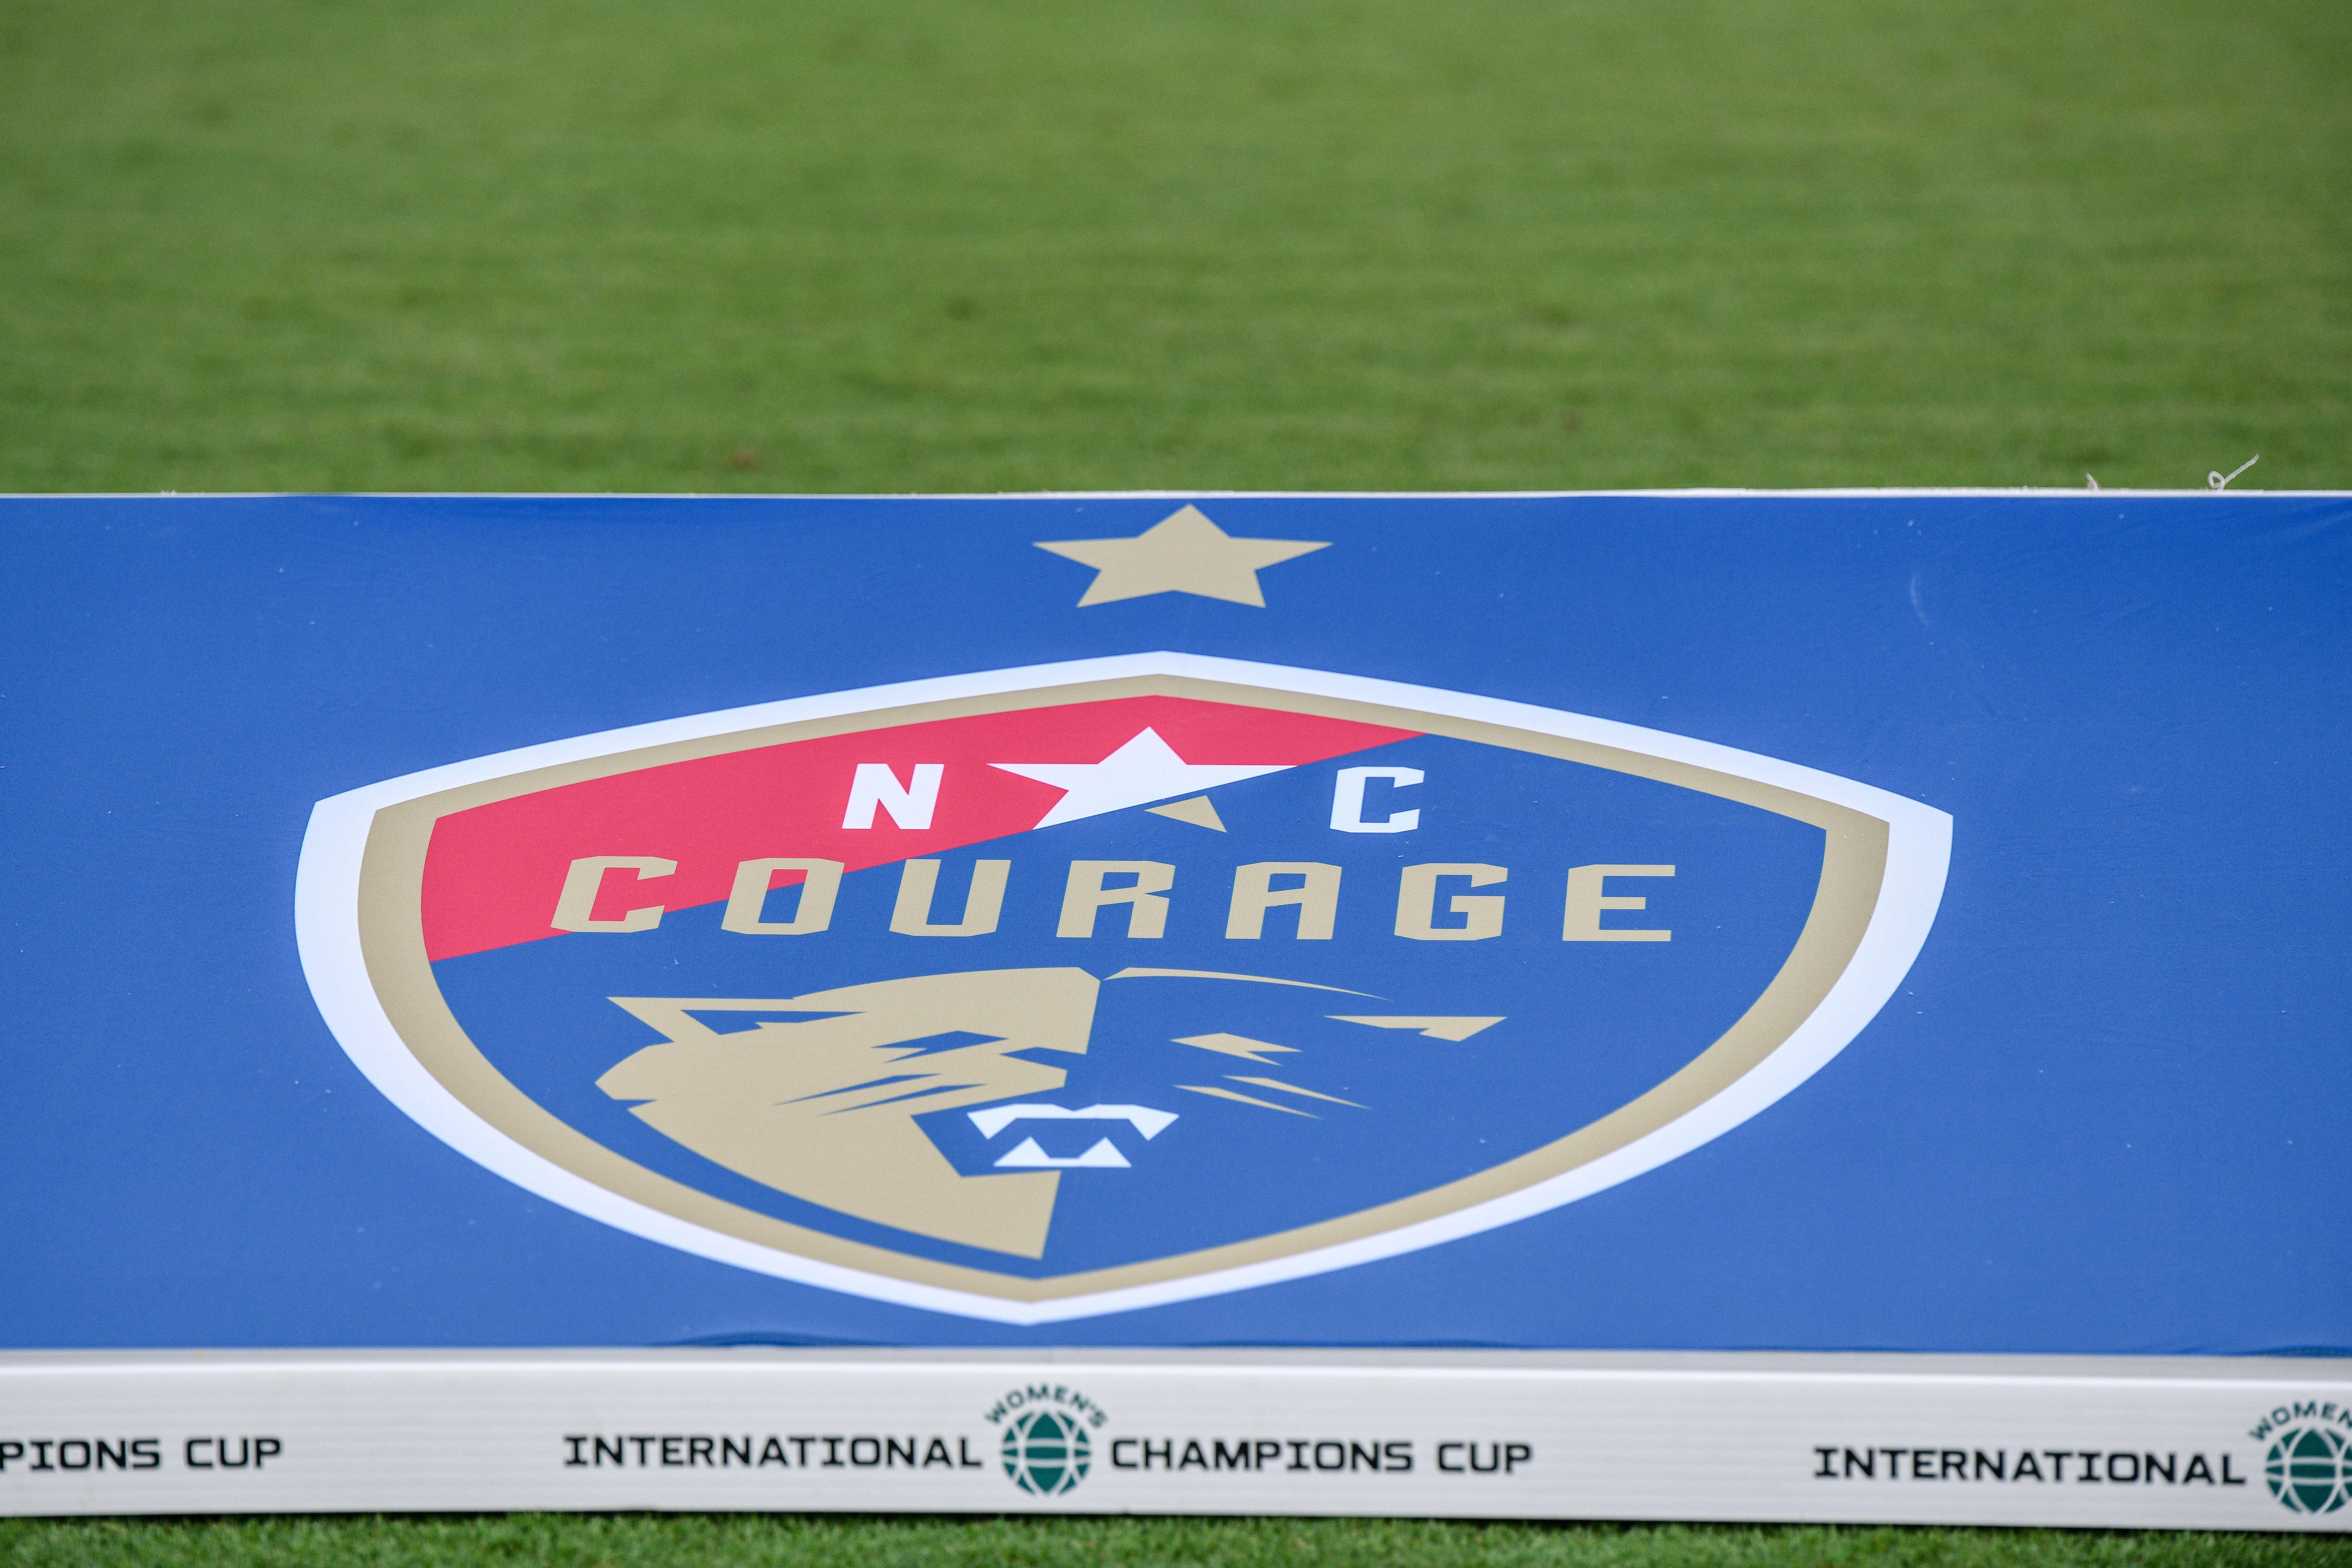 足球:8月15日女足国际冠军杯-北卡罗来纳勇气vs曼城